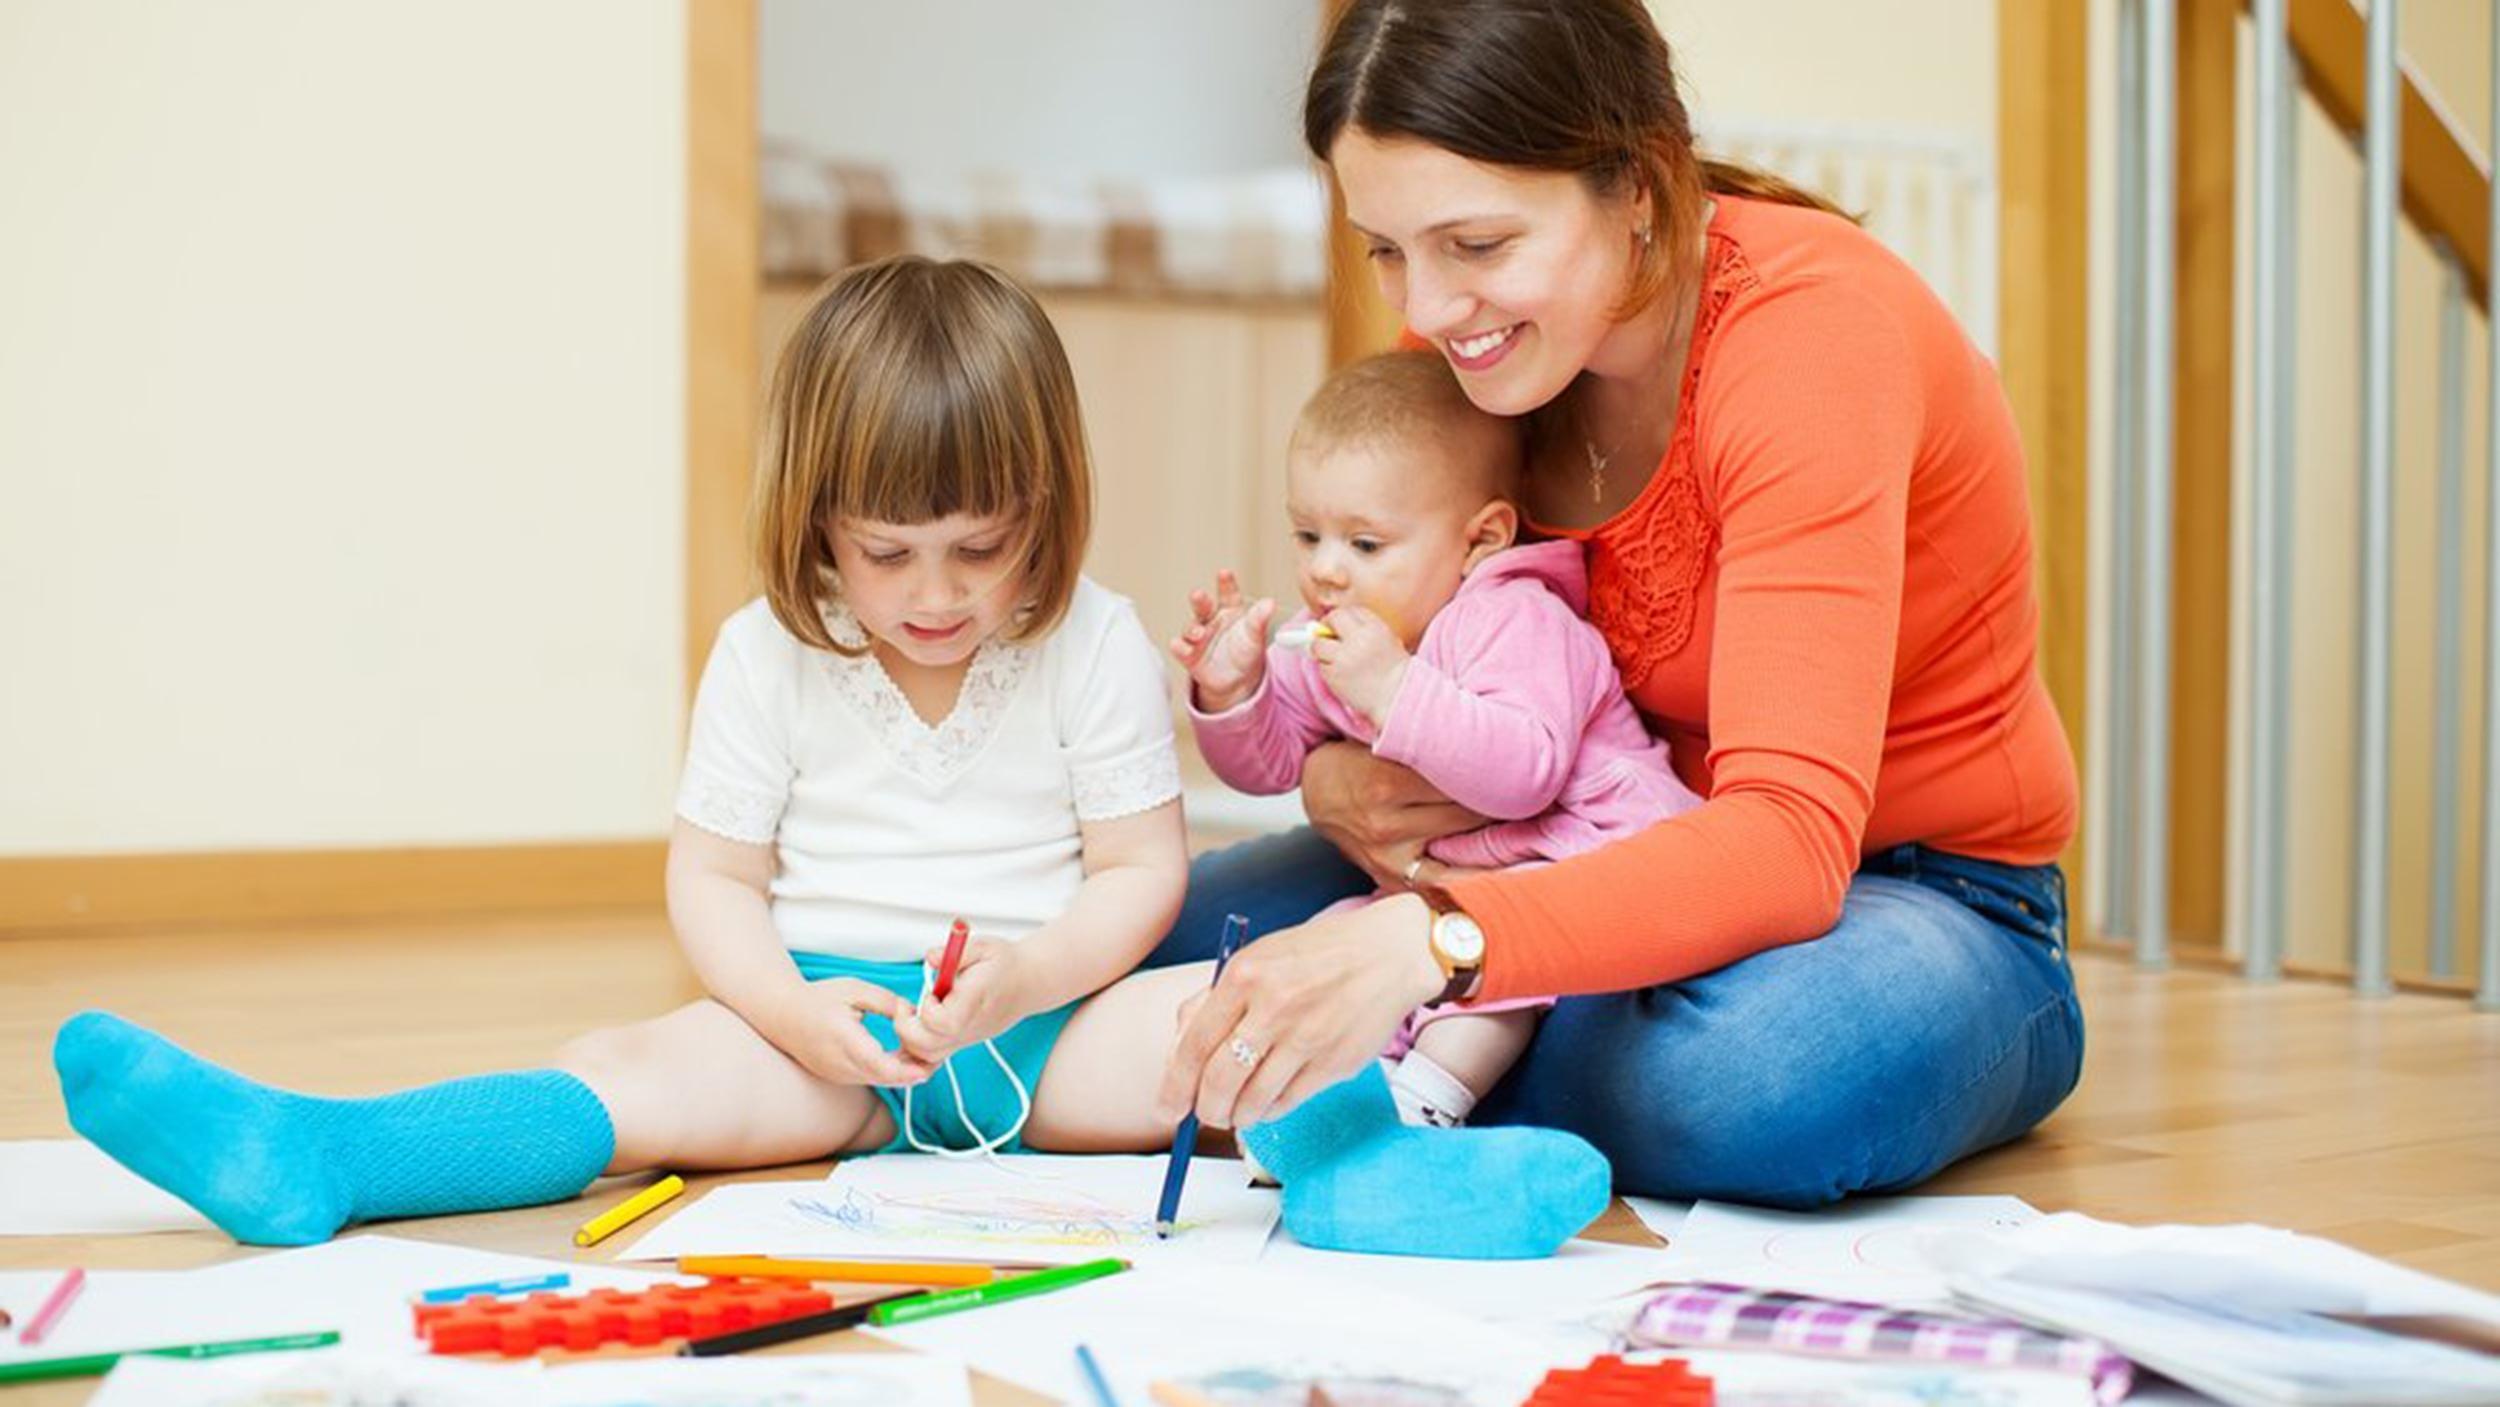 Где брать силы в декретном отпуске - 8 лайфхаков молодой мамы